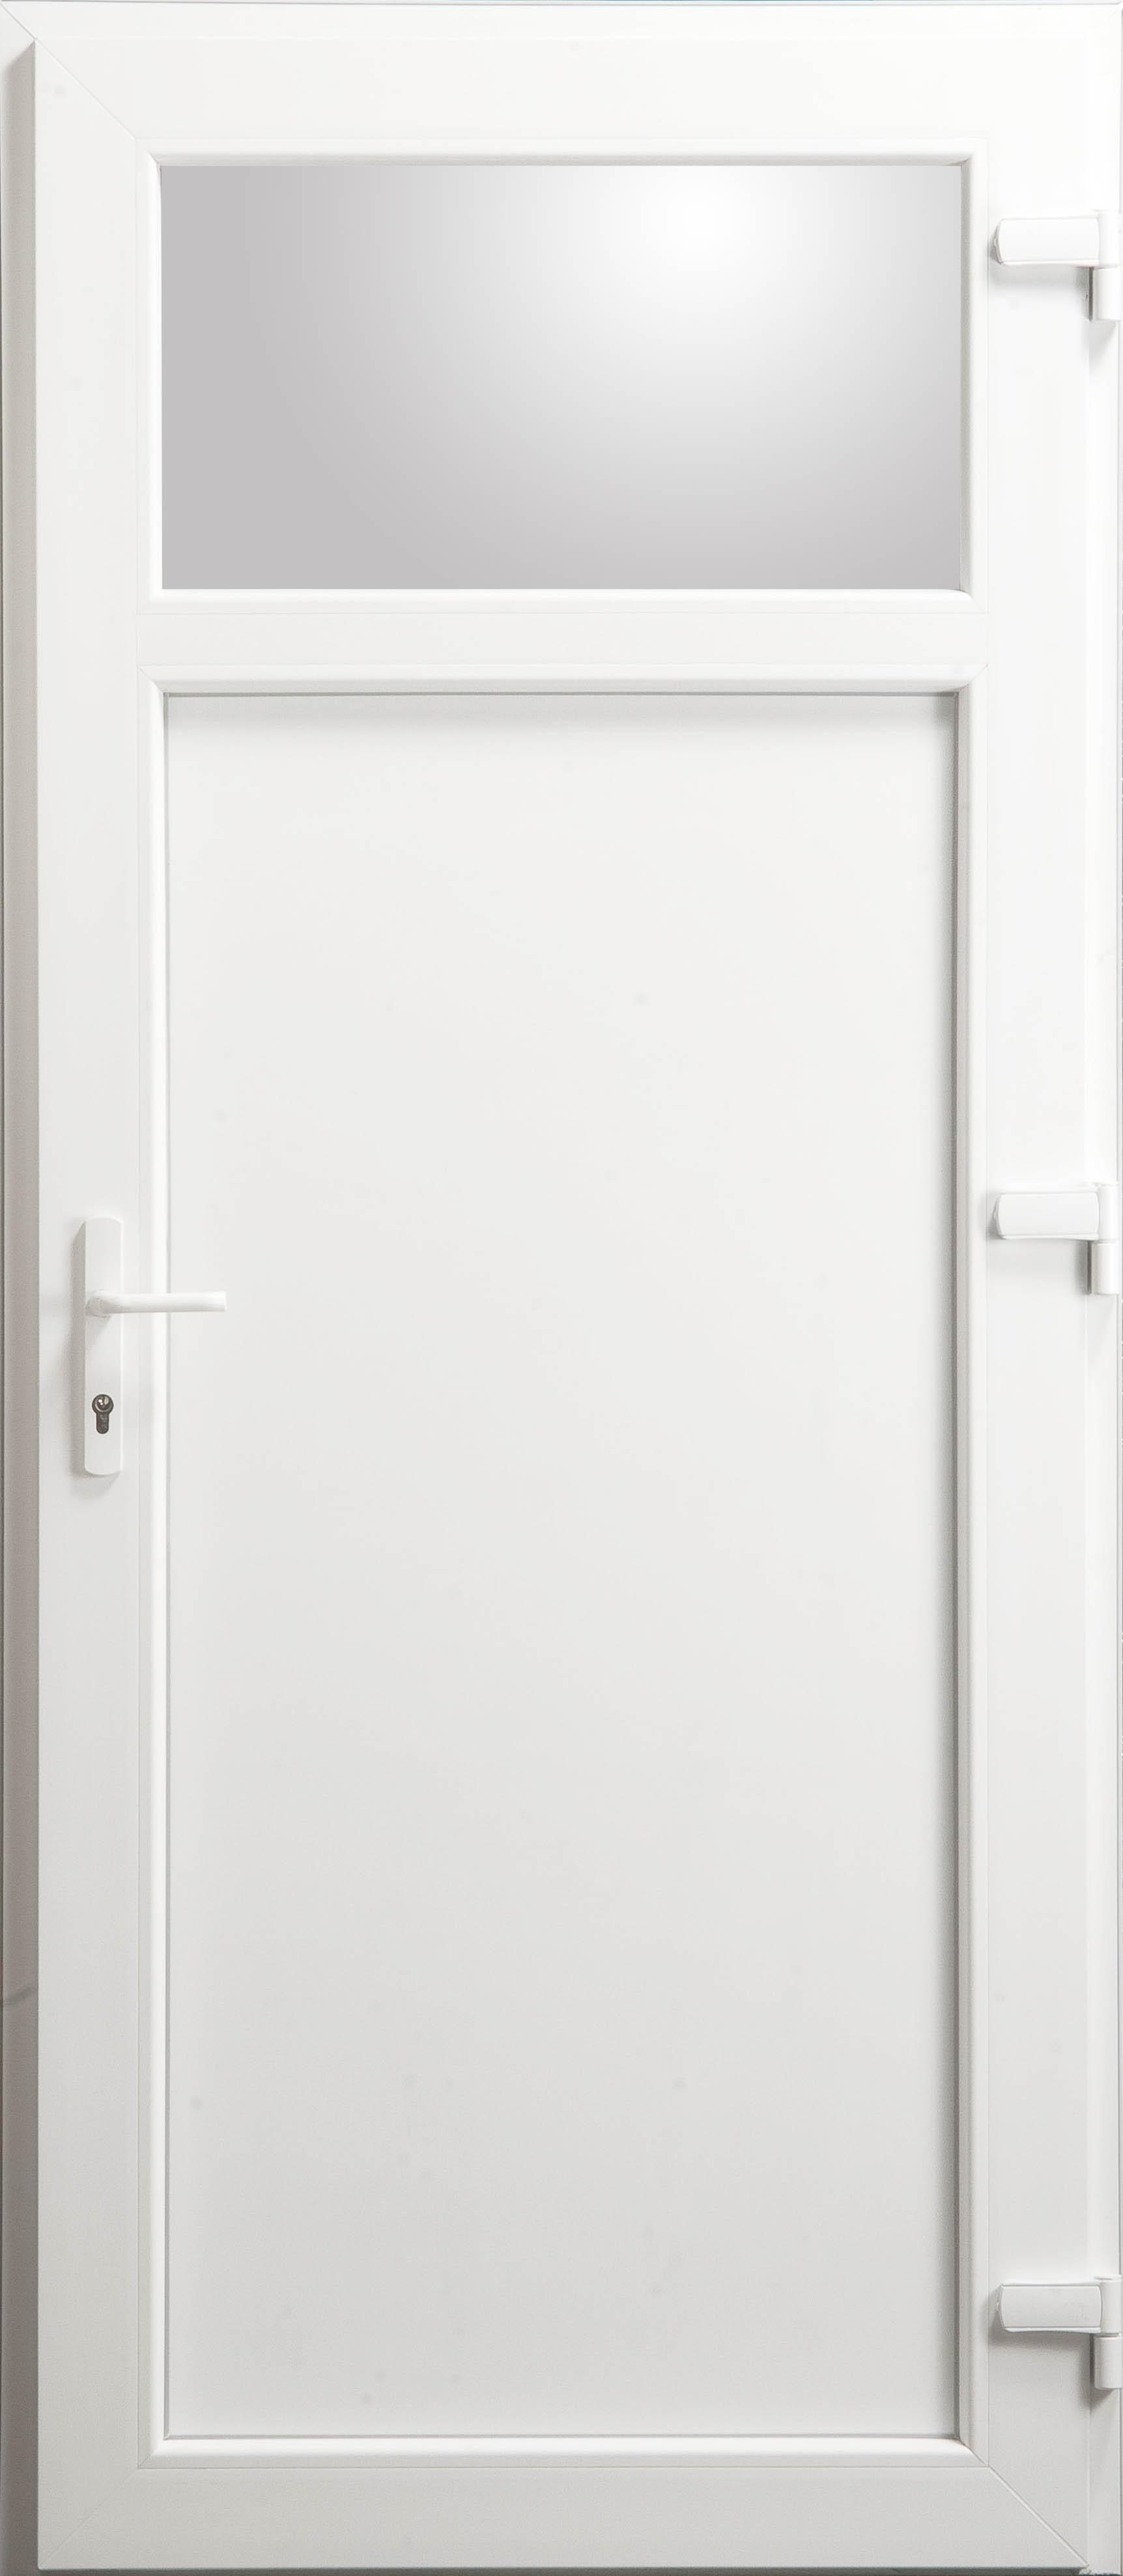 Porte de service occulus en pvc blanc 215 x 090 cm for Porte de service pvc 73 cm